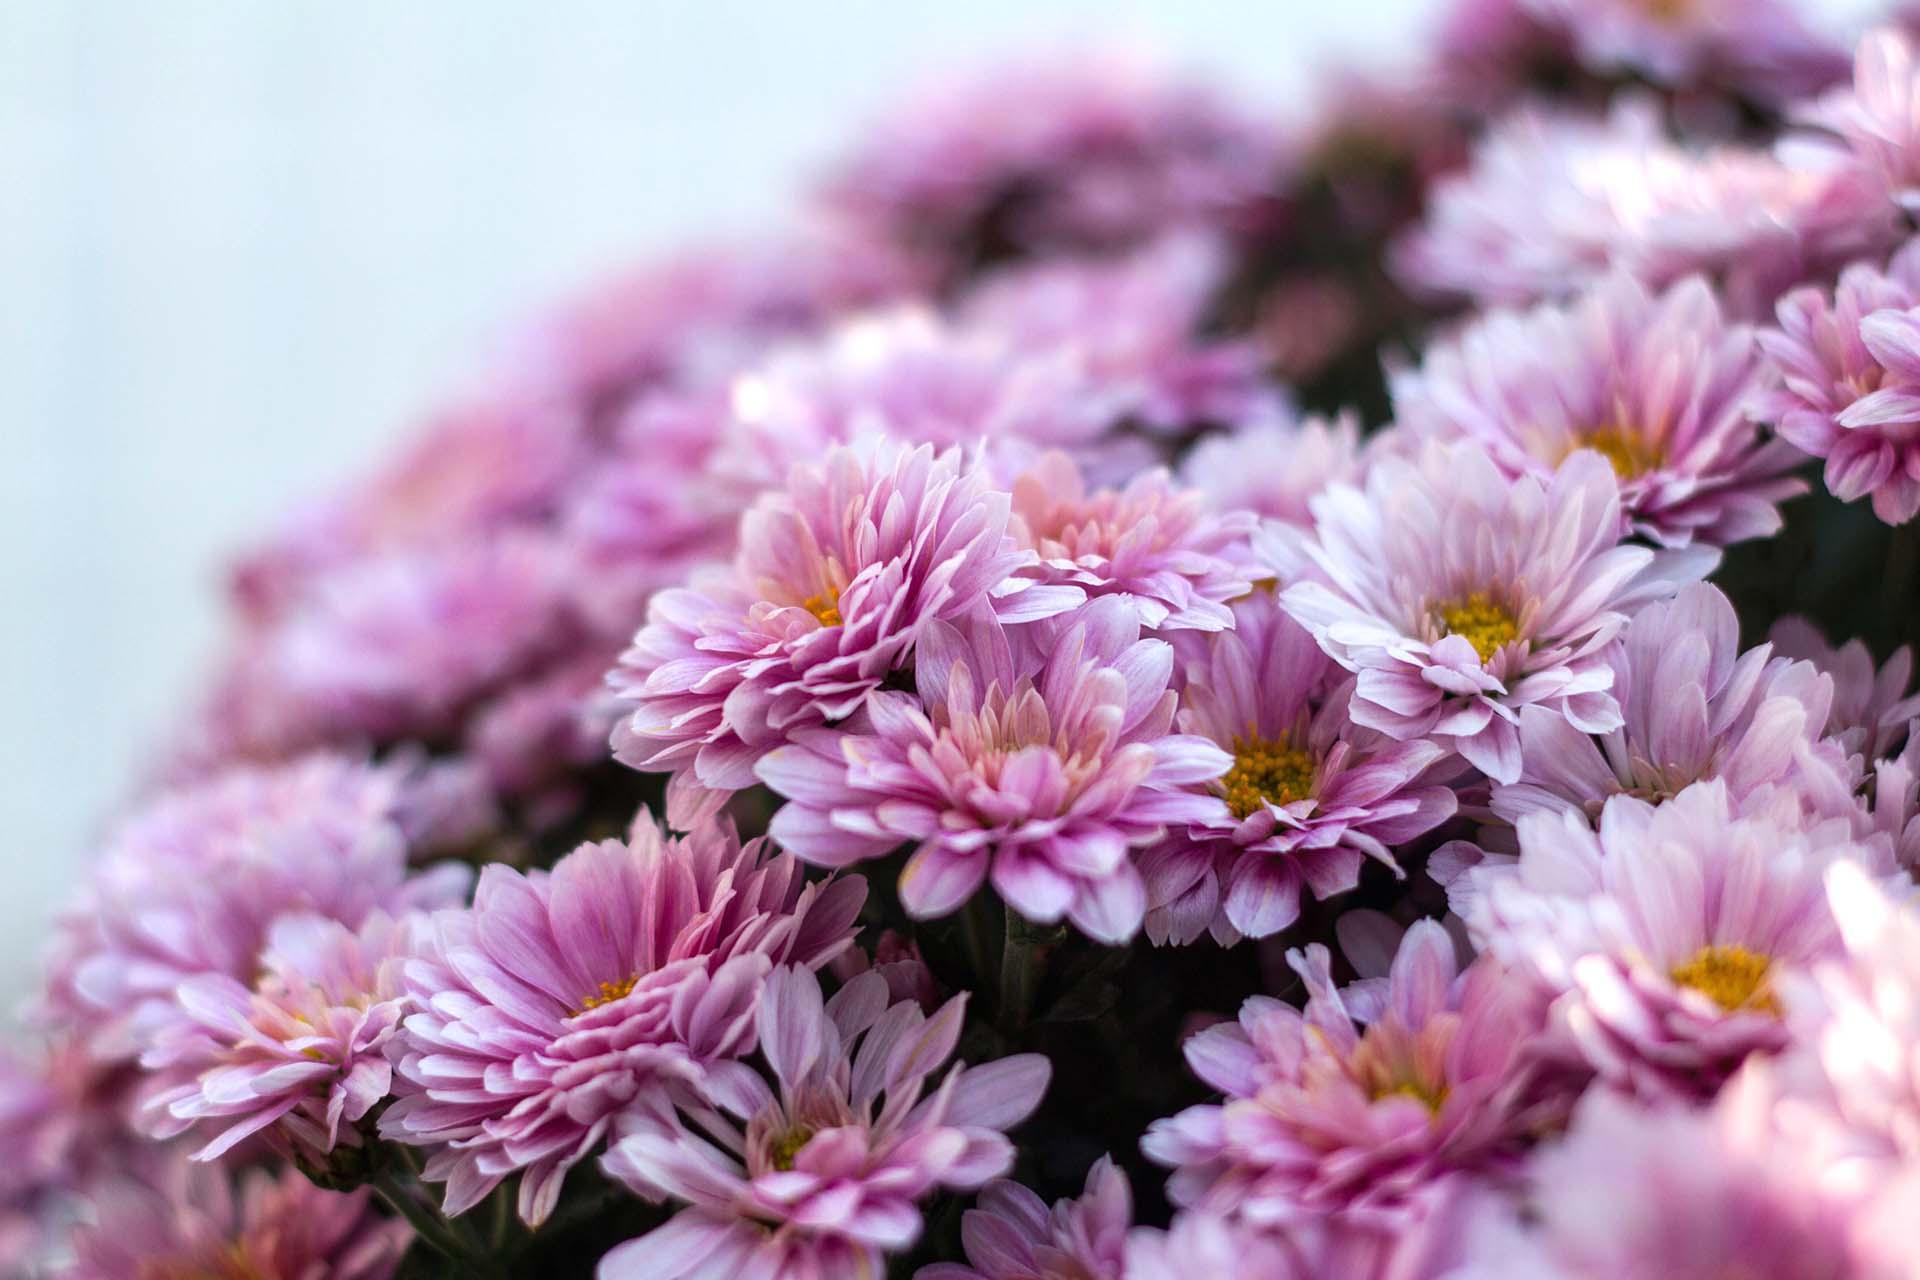 Prezzi Fiori.Commemorazione Defunti Mercato Fiori In Salute Crisantemi Di